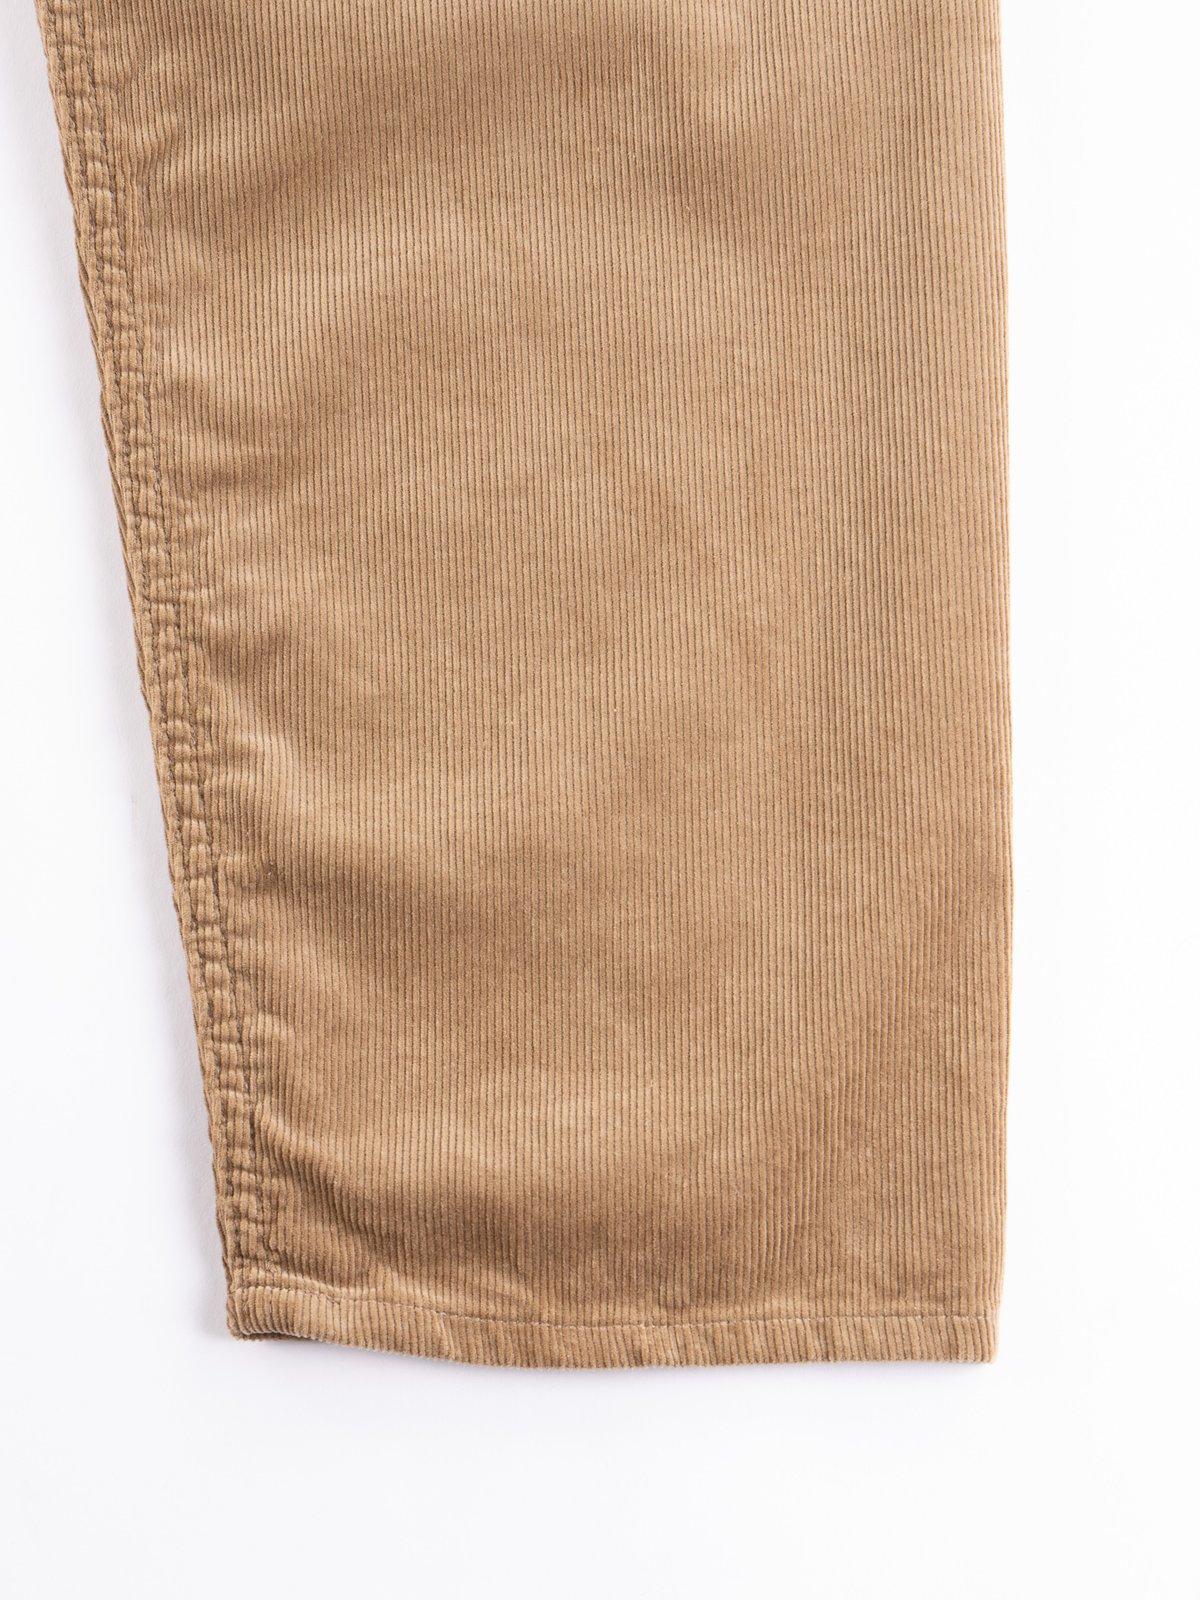 Khaki 14W Corduroy Wide Peg Jean - Image 4